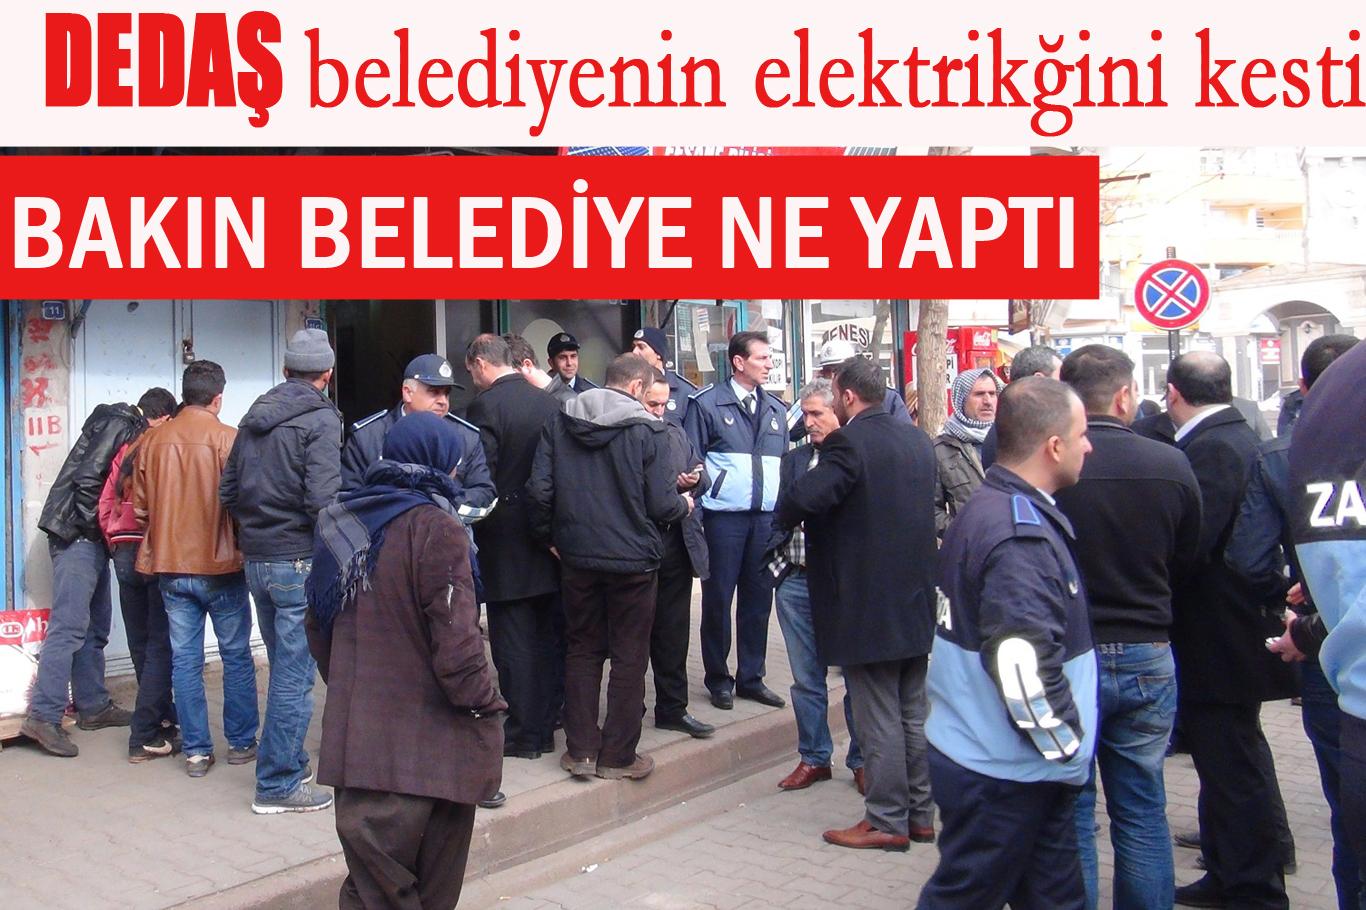 DEDAŞ ile Siverek belediyesinin Elektrik savaşı